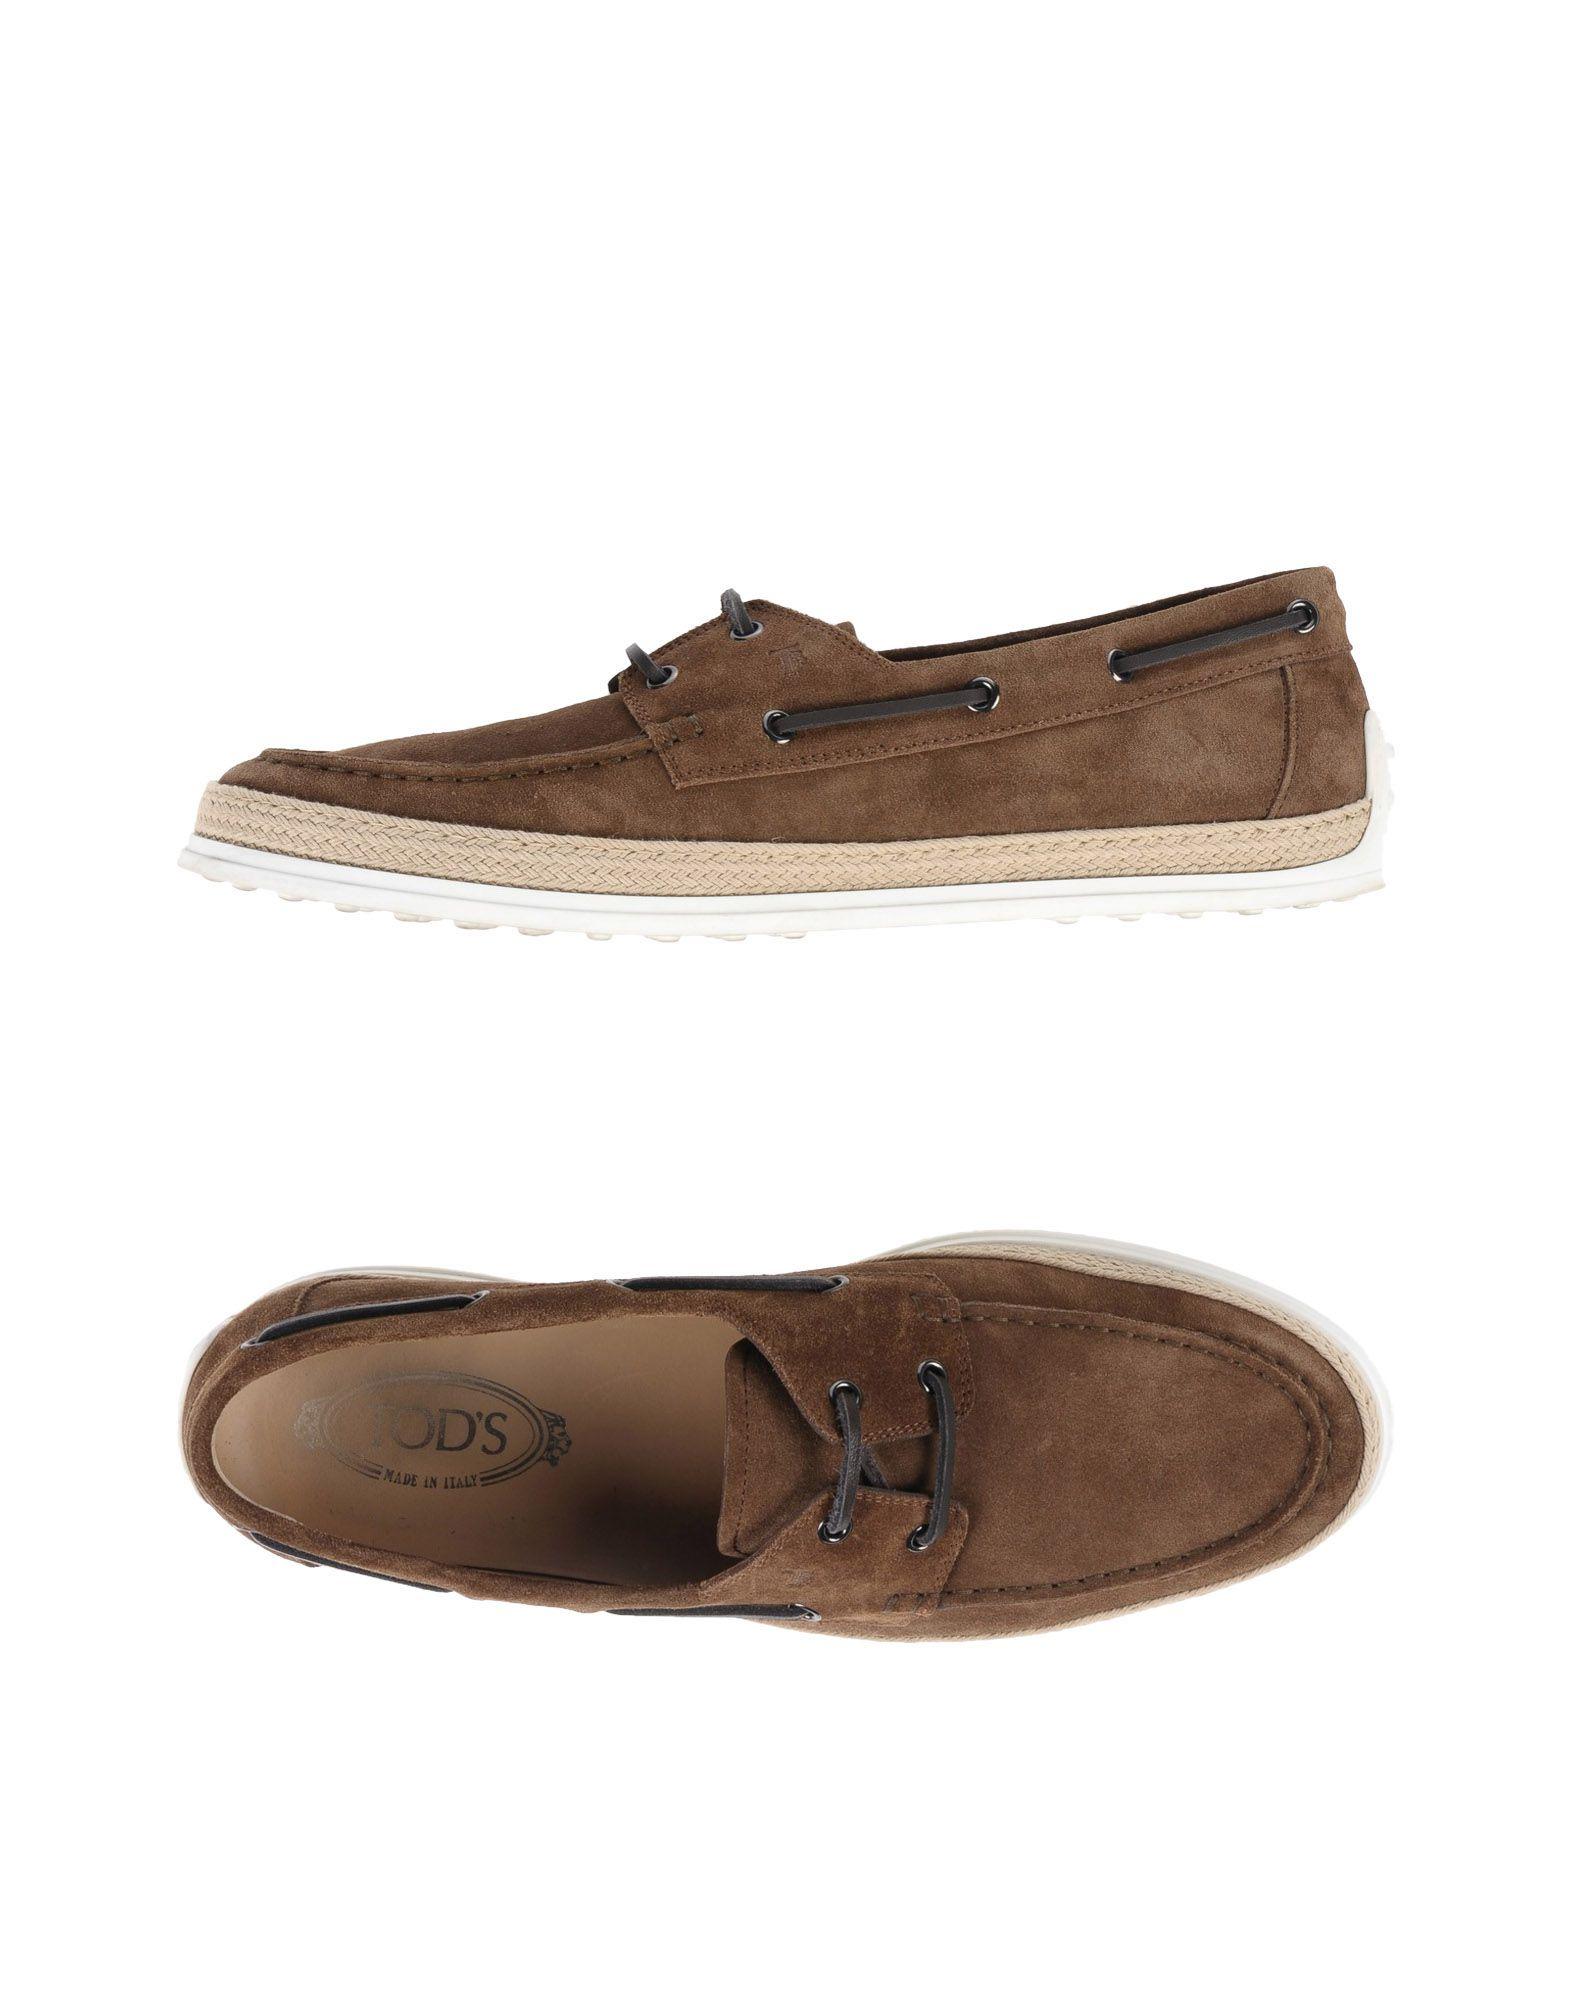 Tod's Schnürschuhe Herren  11433455QE Gute Qualität beliebte Schuhe Schuhe Schuhe 086327